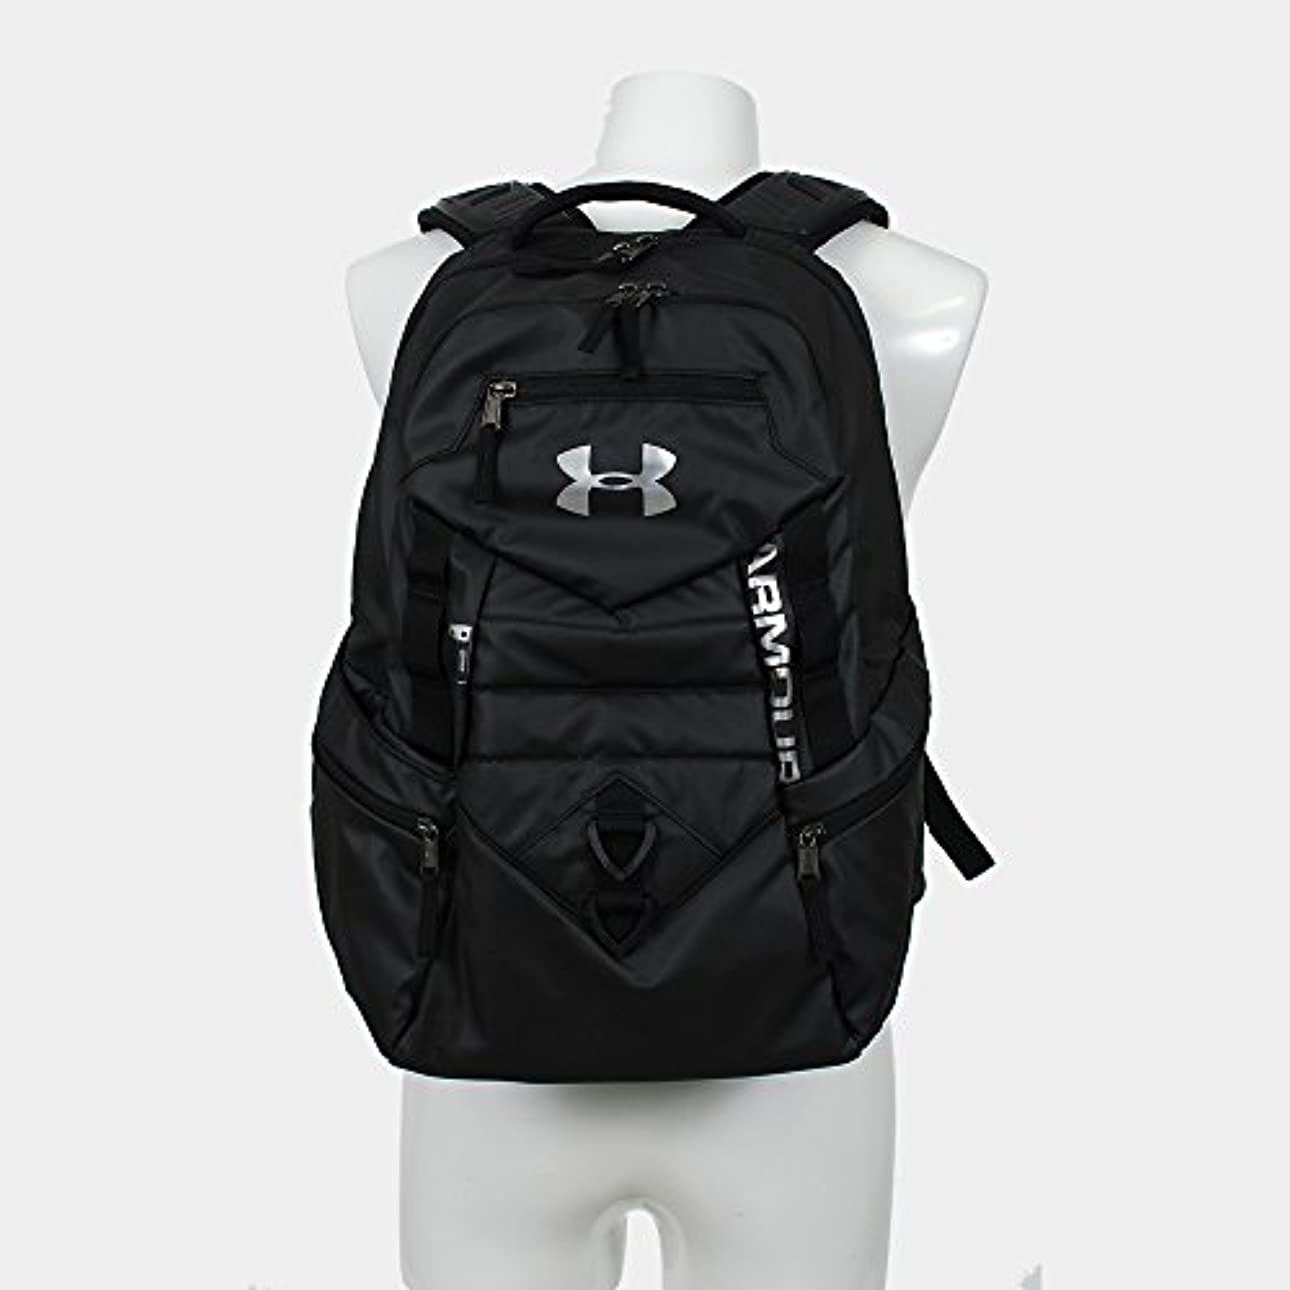 飛躍後継シーサイドUnder Armour(アンダーアーマー) Quantum Backpack バックパック , Black, One Size [並行輸入品]